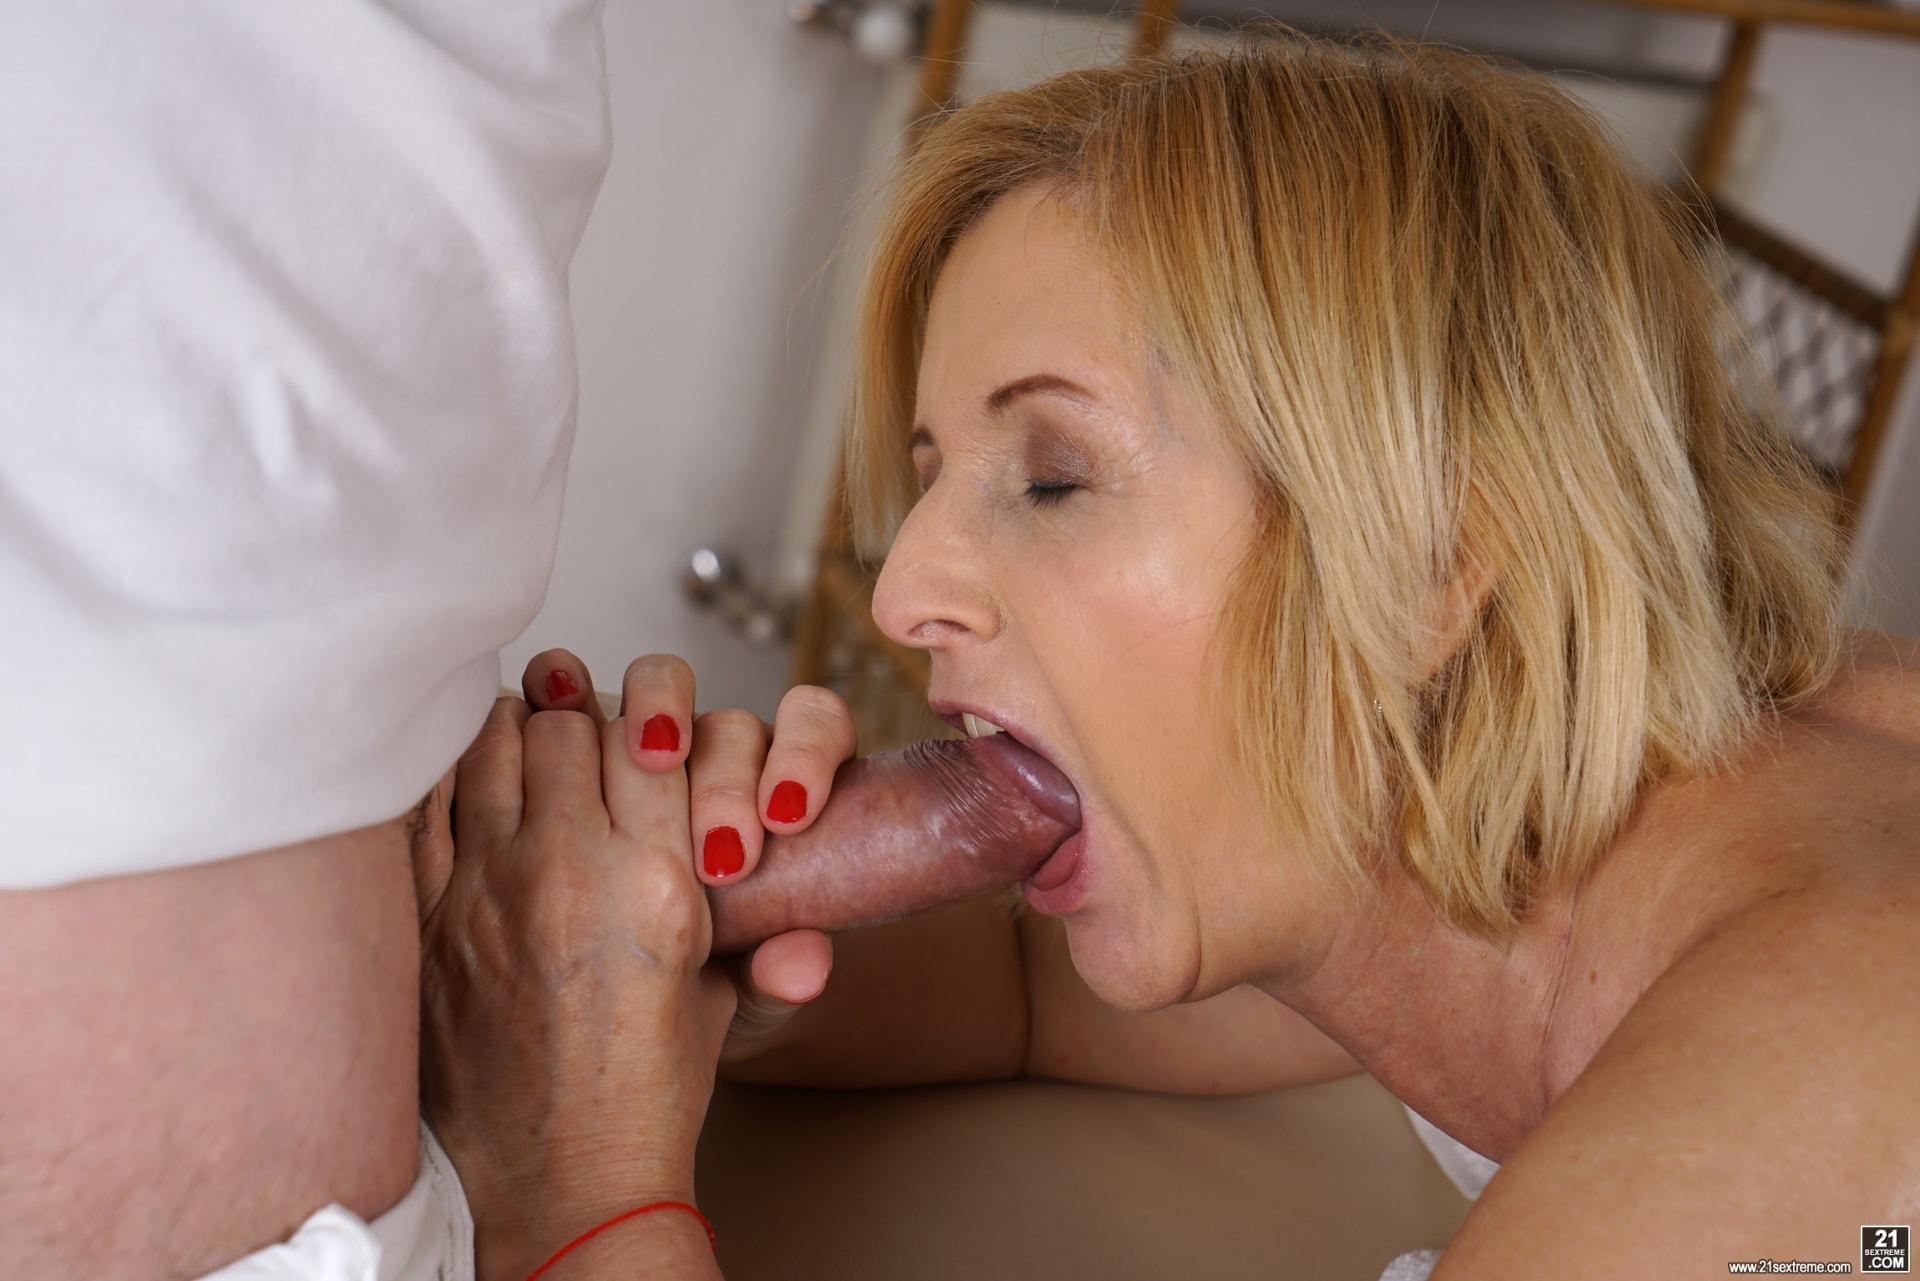 21Sextury 'Jennyfer's Anal Massage' starring Jennyfer (Photo 168)